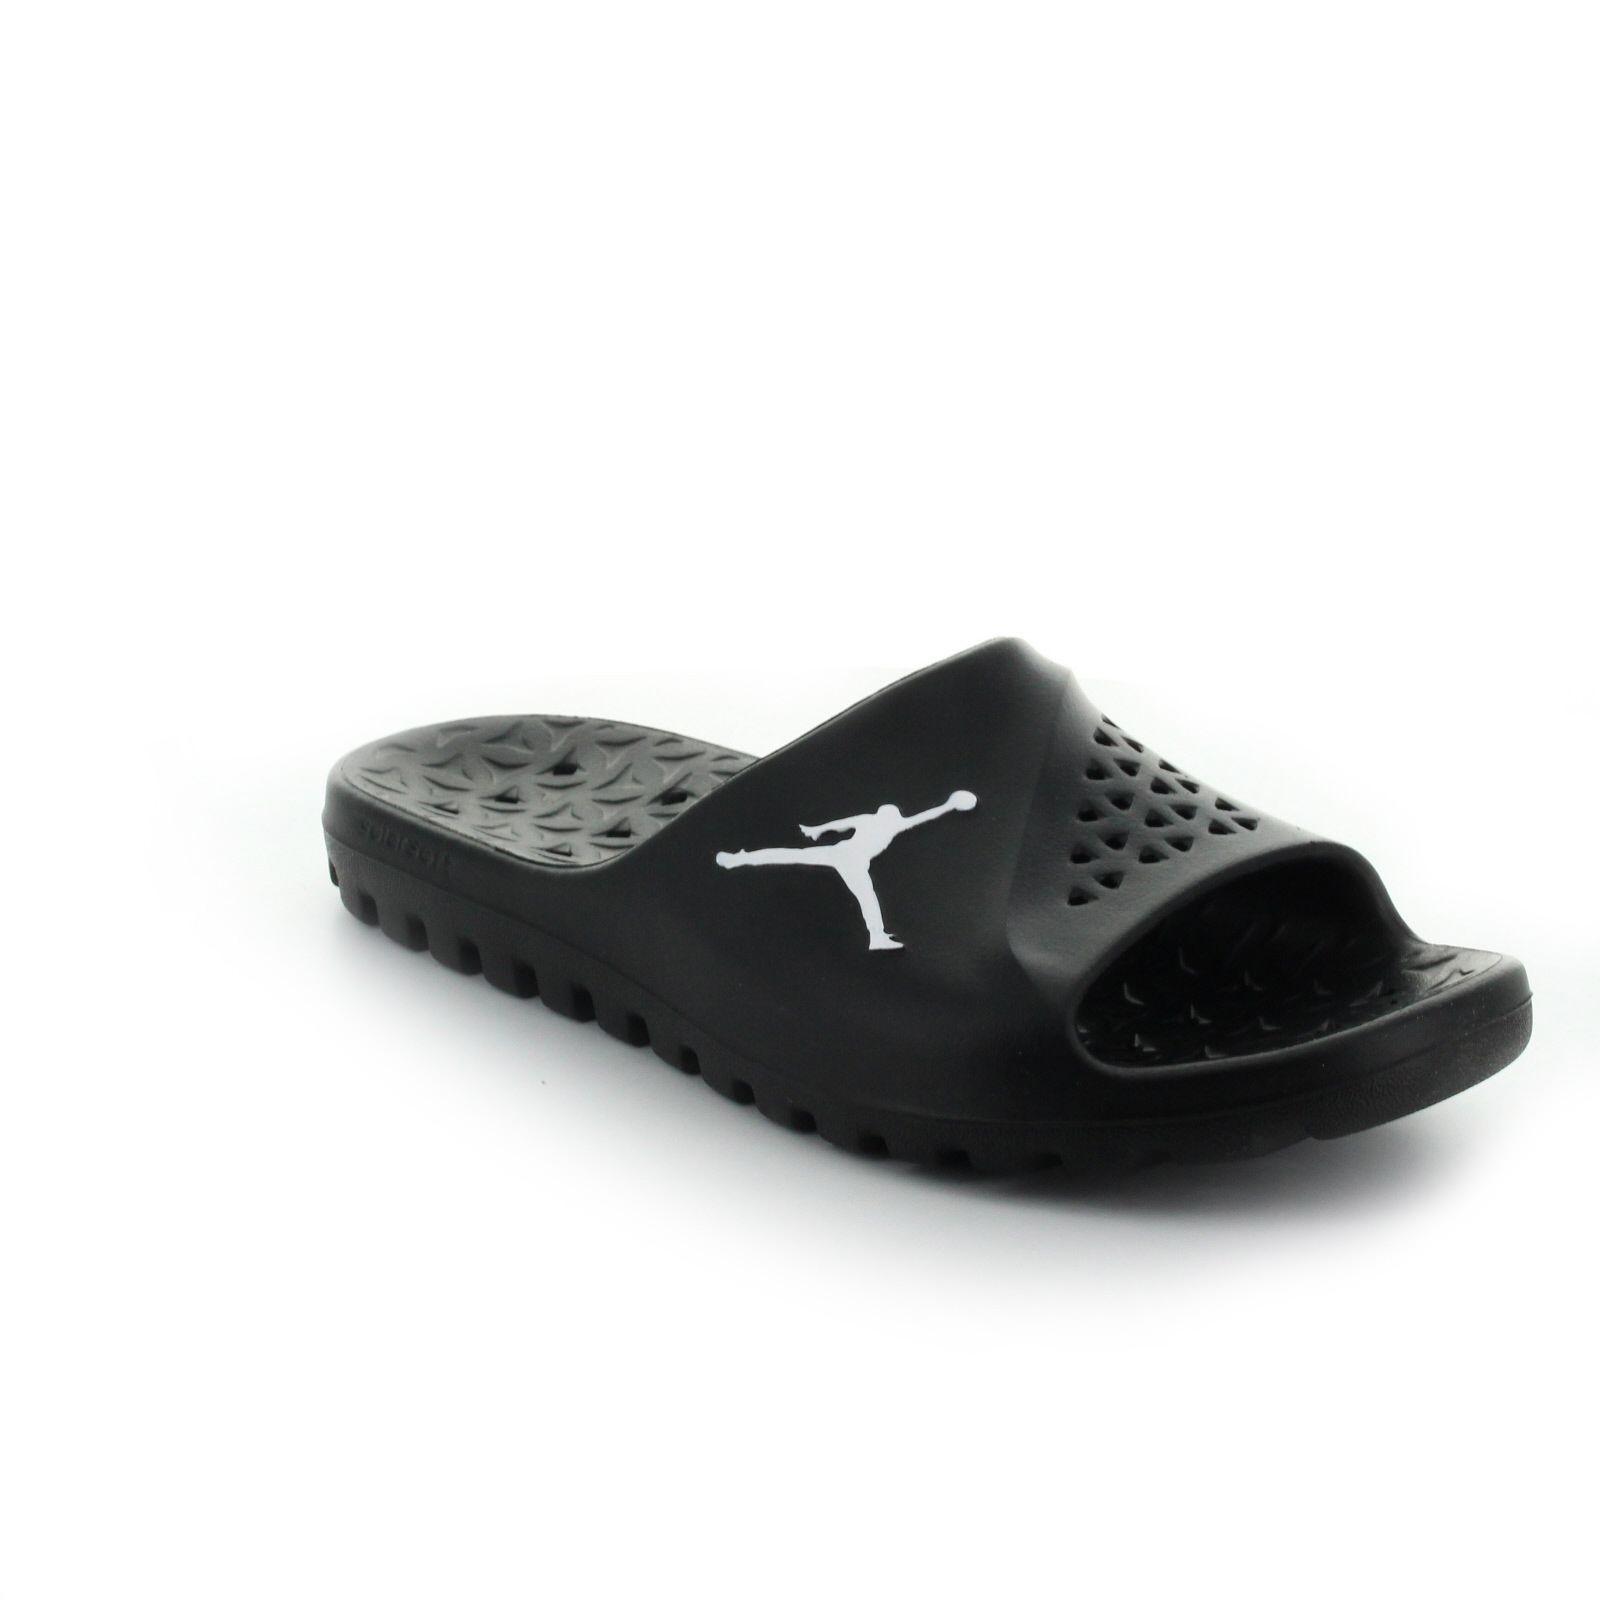 Slippers slippers Nike jordan jordan Nike super.fly team slide Sandaloe si   0f4b64